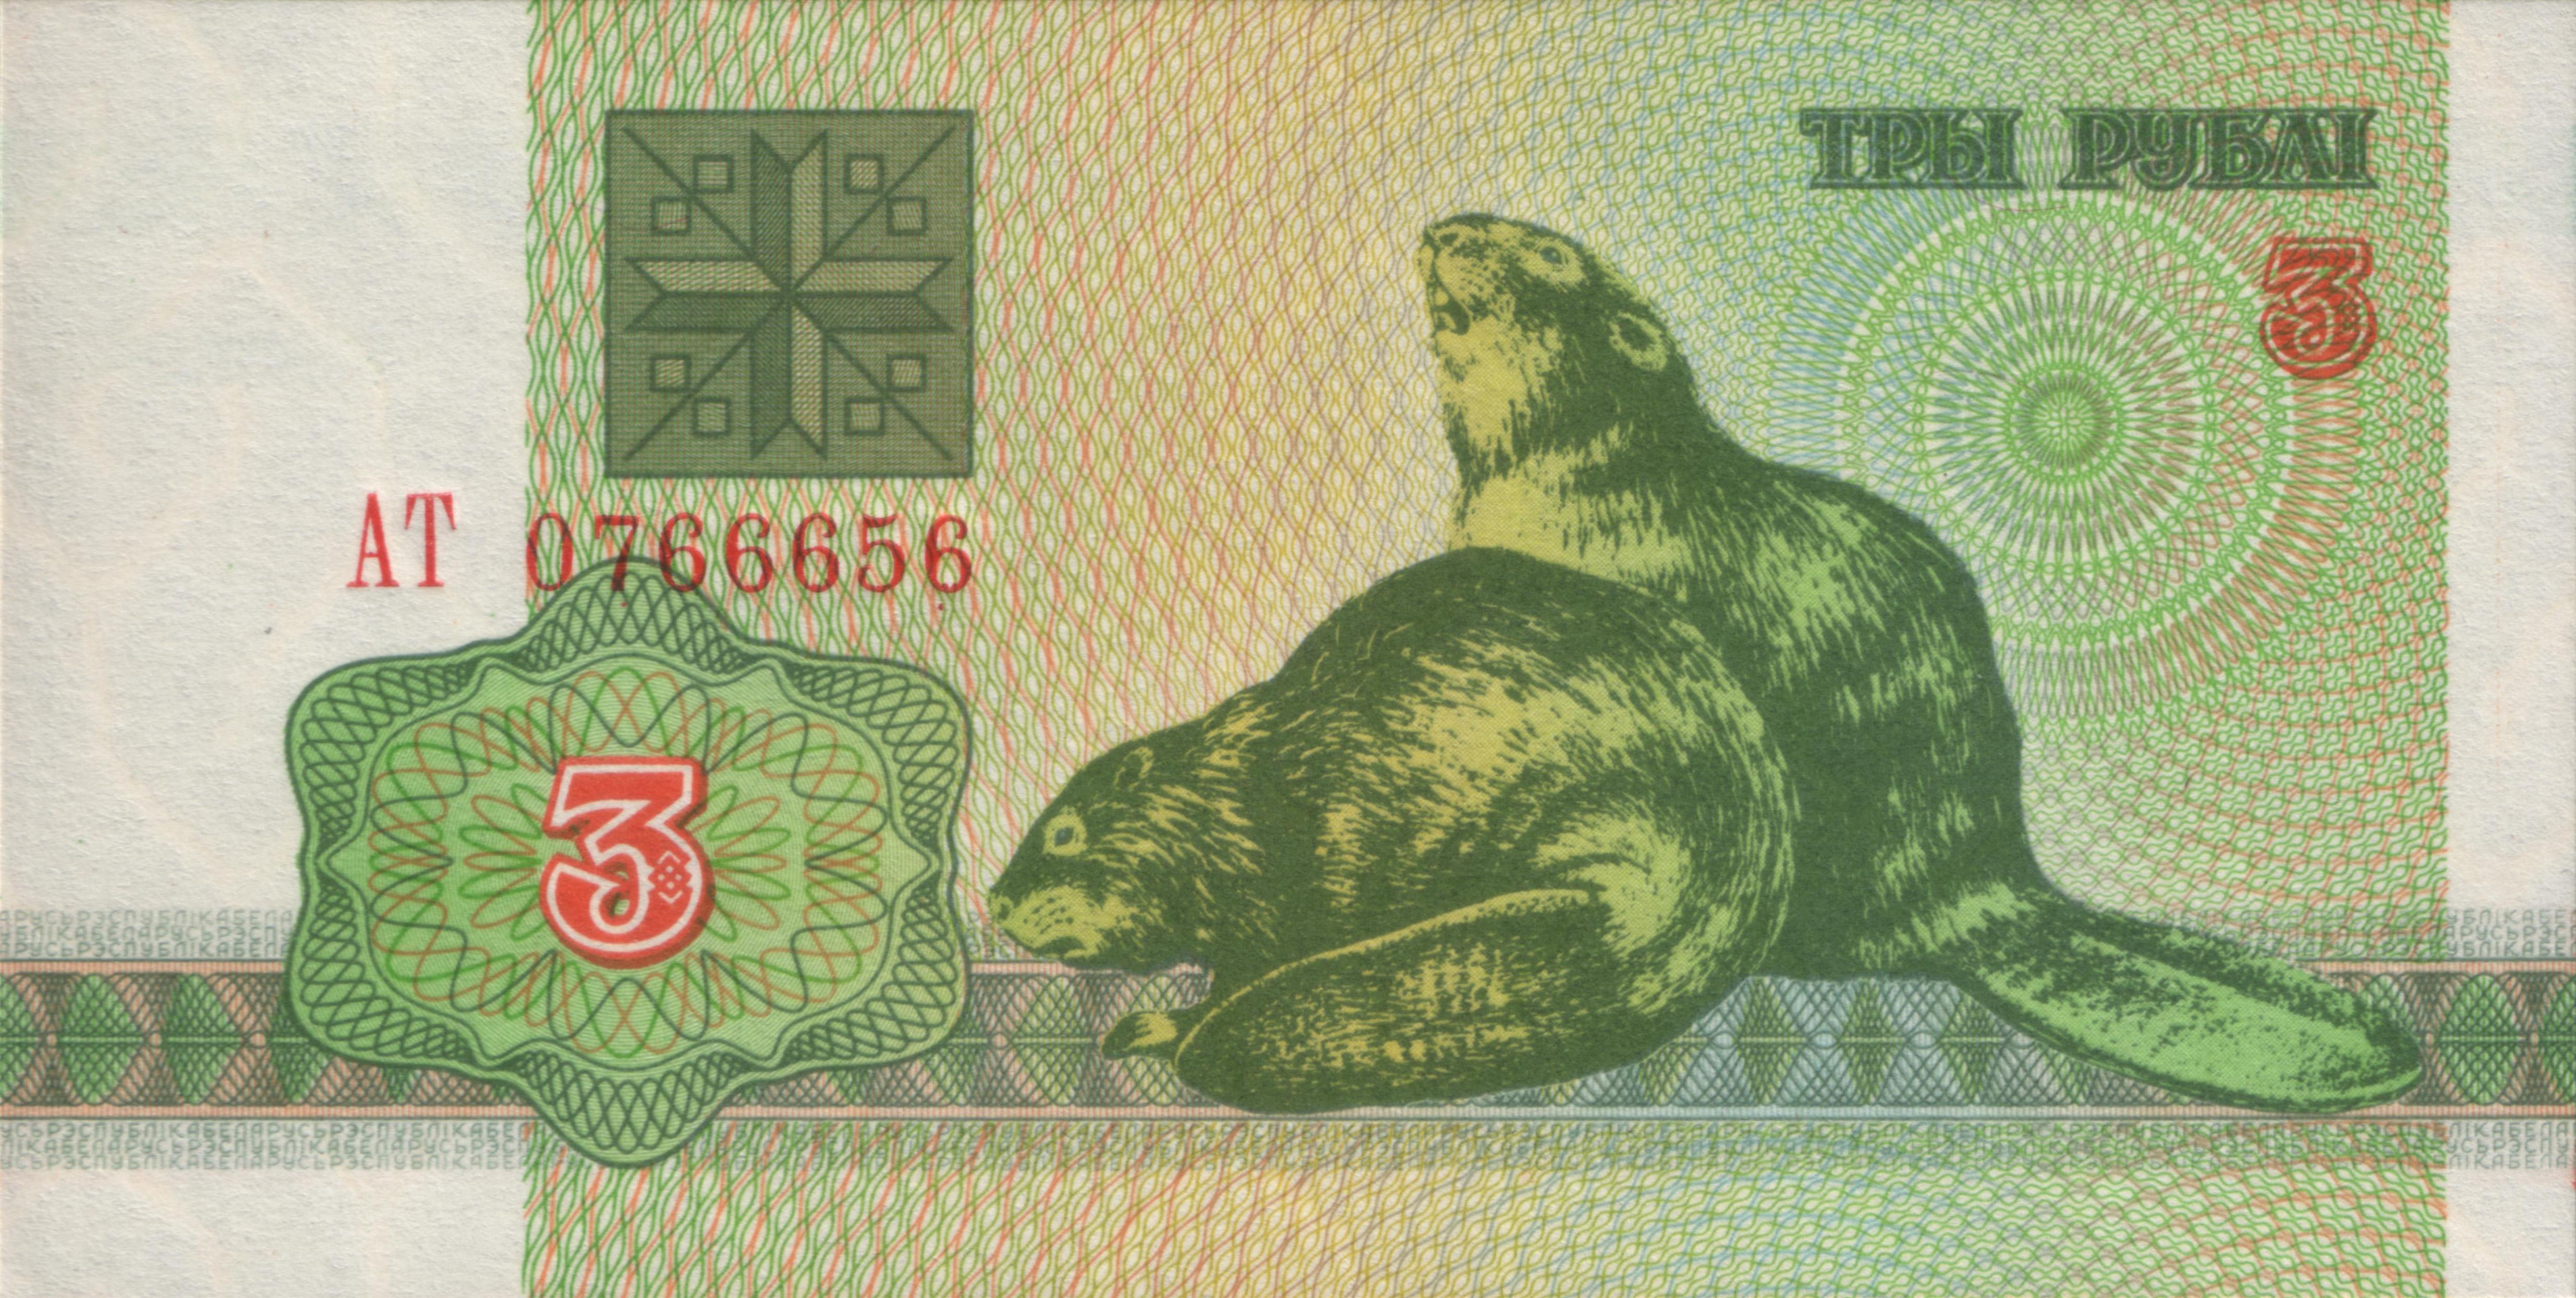 заявка на кредит в альфа банке вологда